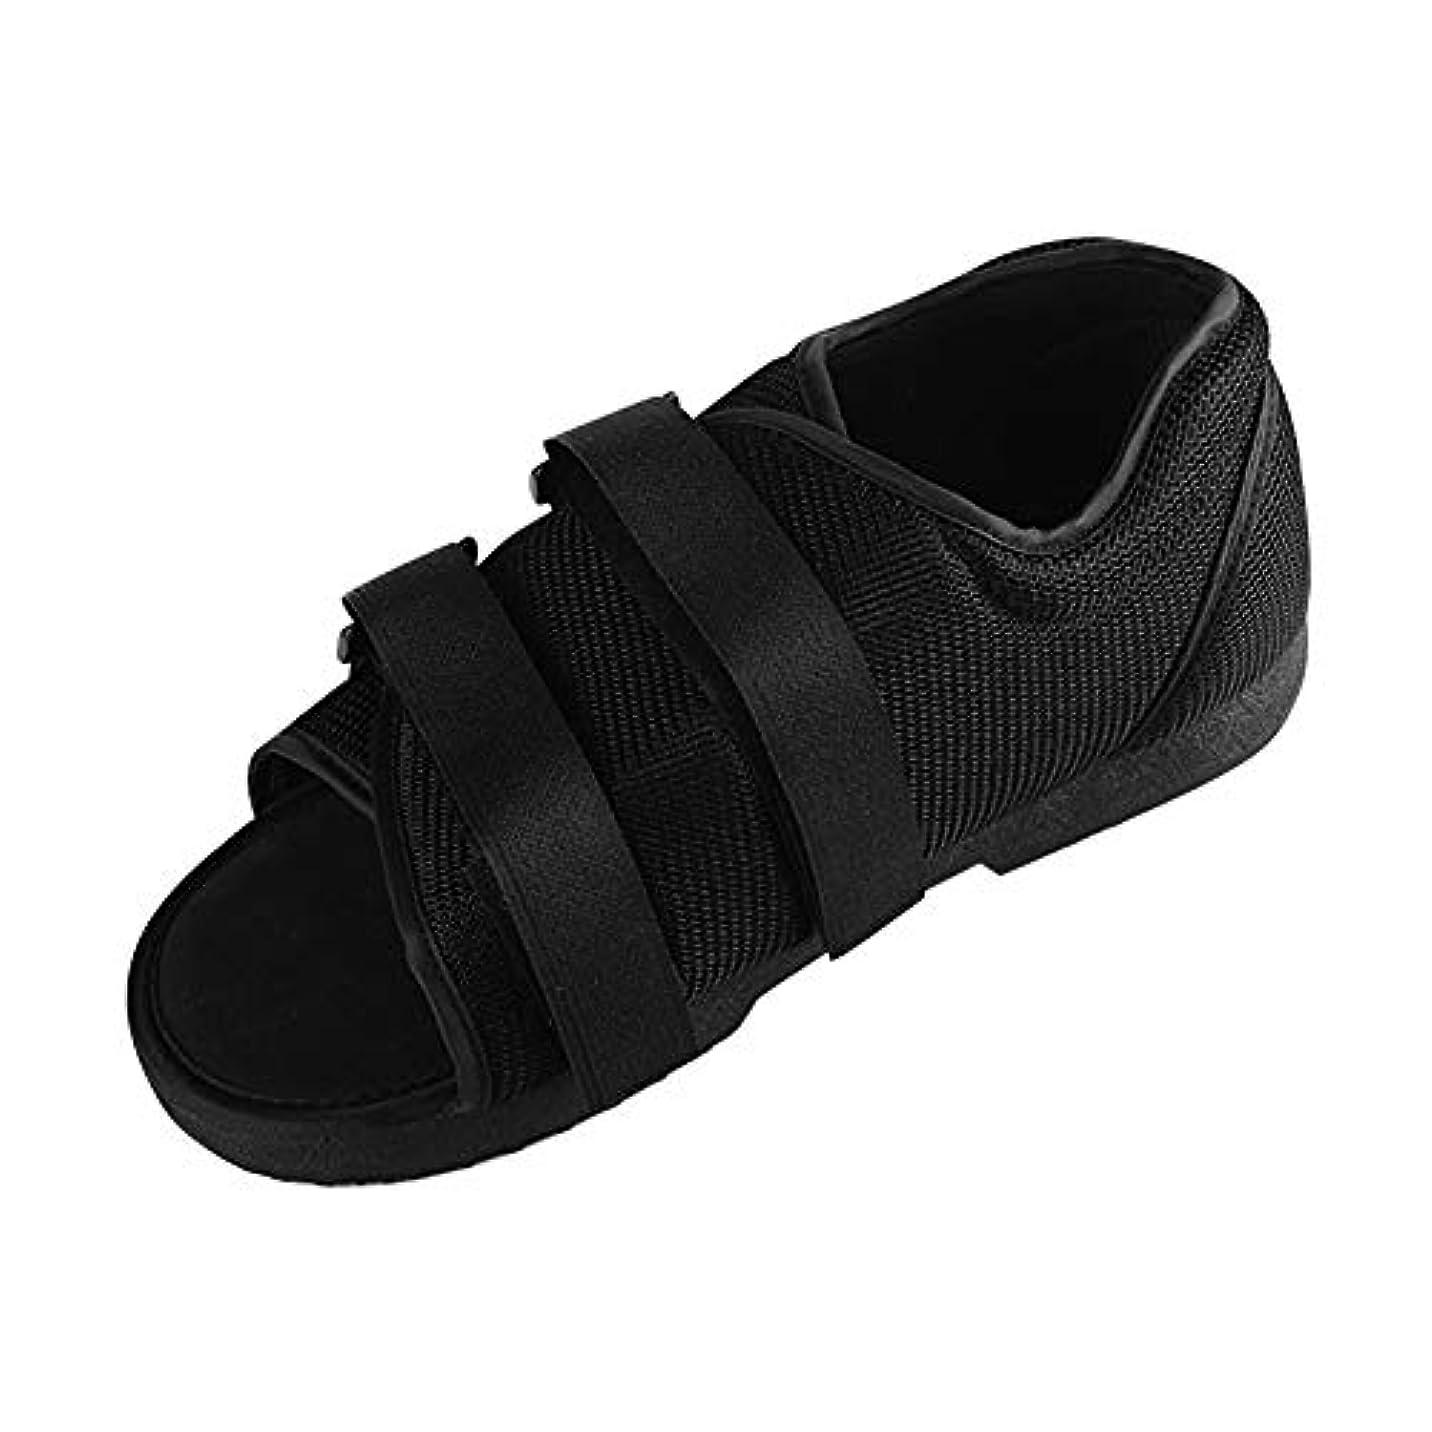 ミキサー批判する浪費Yudesunyds 足 リハビリテーションシューズ - 医療 術後靴 関節捻 用 骨折 足の捻 安定靴